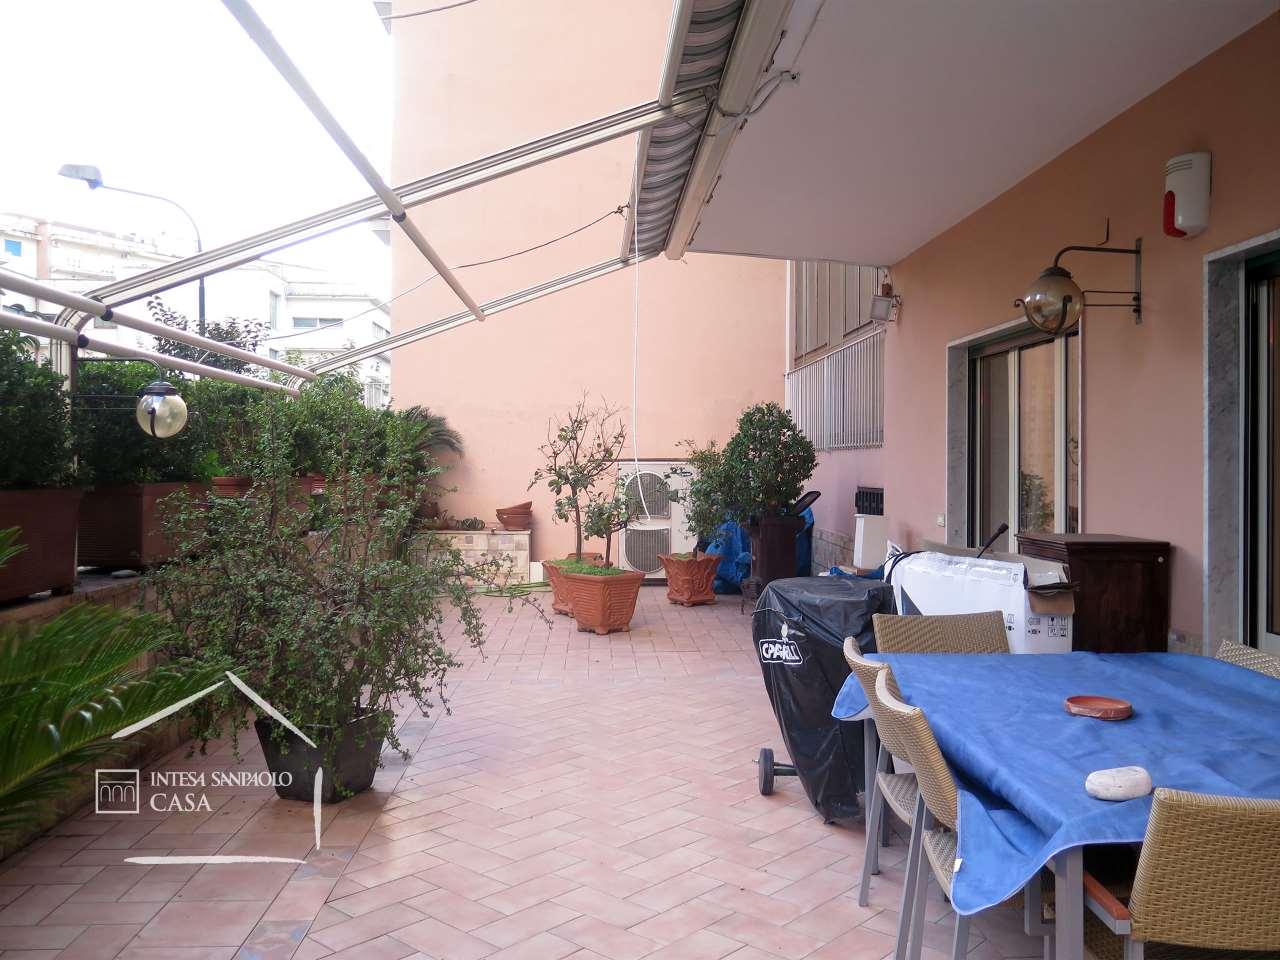 Appartamento in Vendita a Napoli: 4 locali, 121 mq - Foto 8